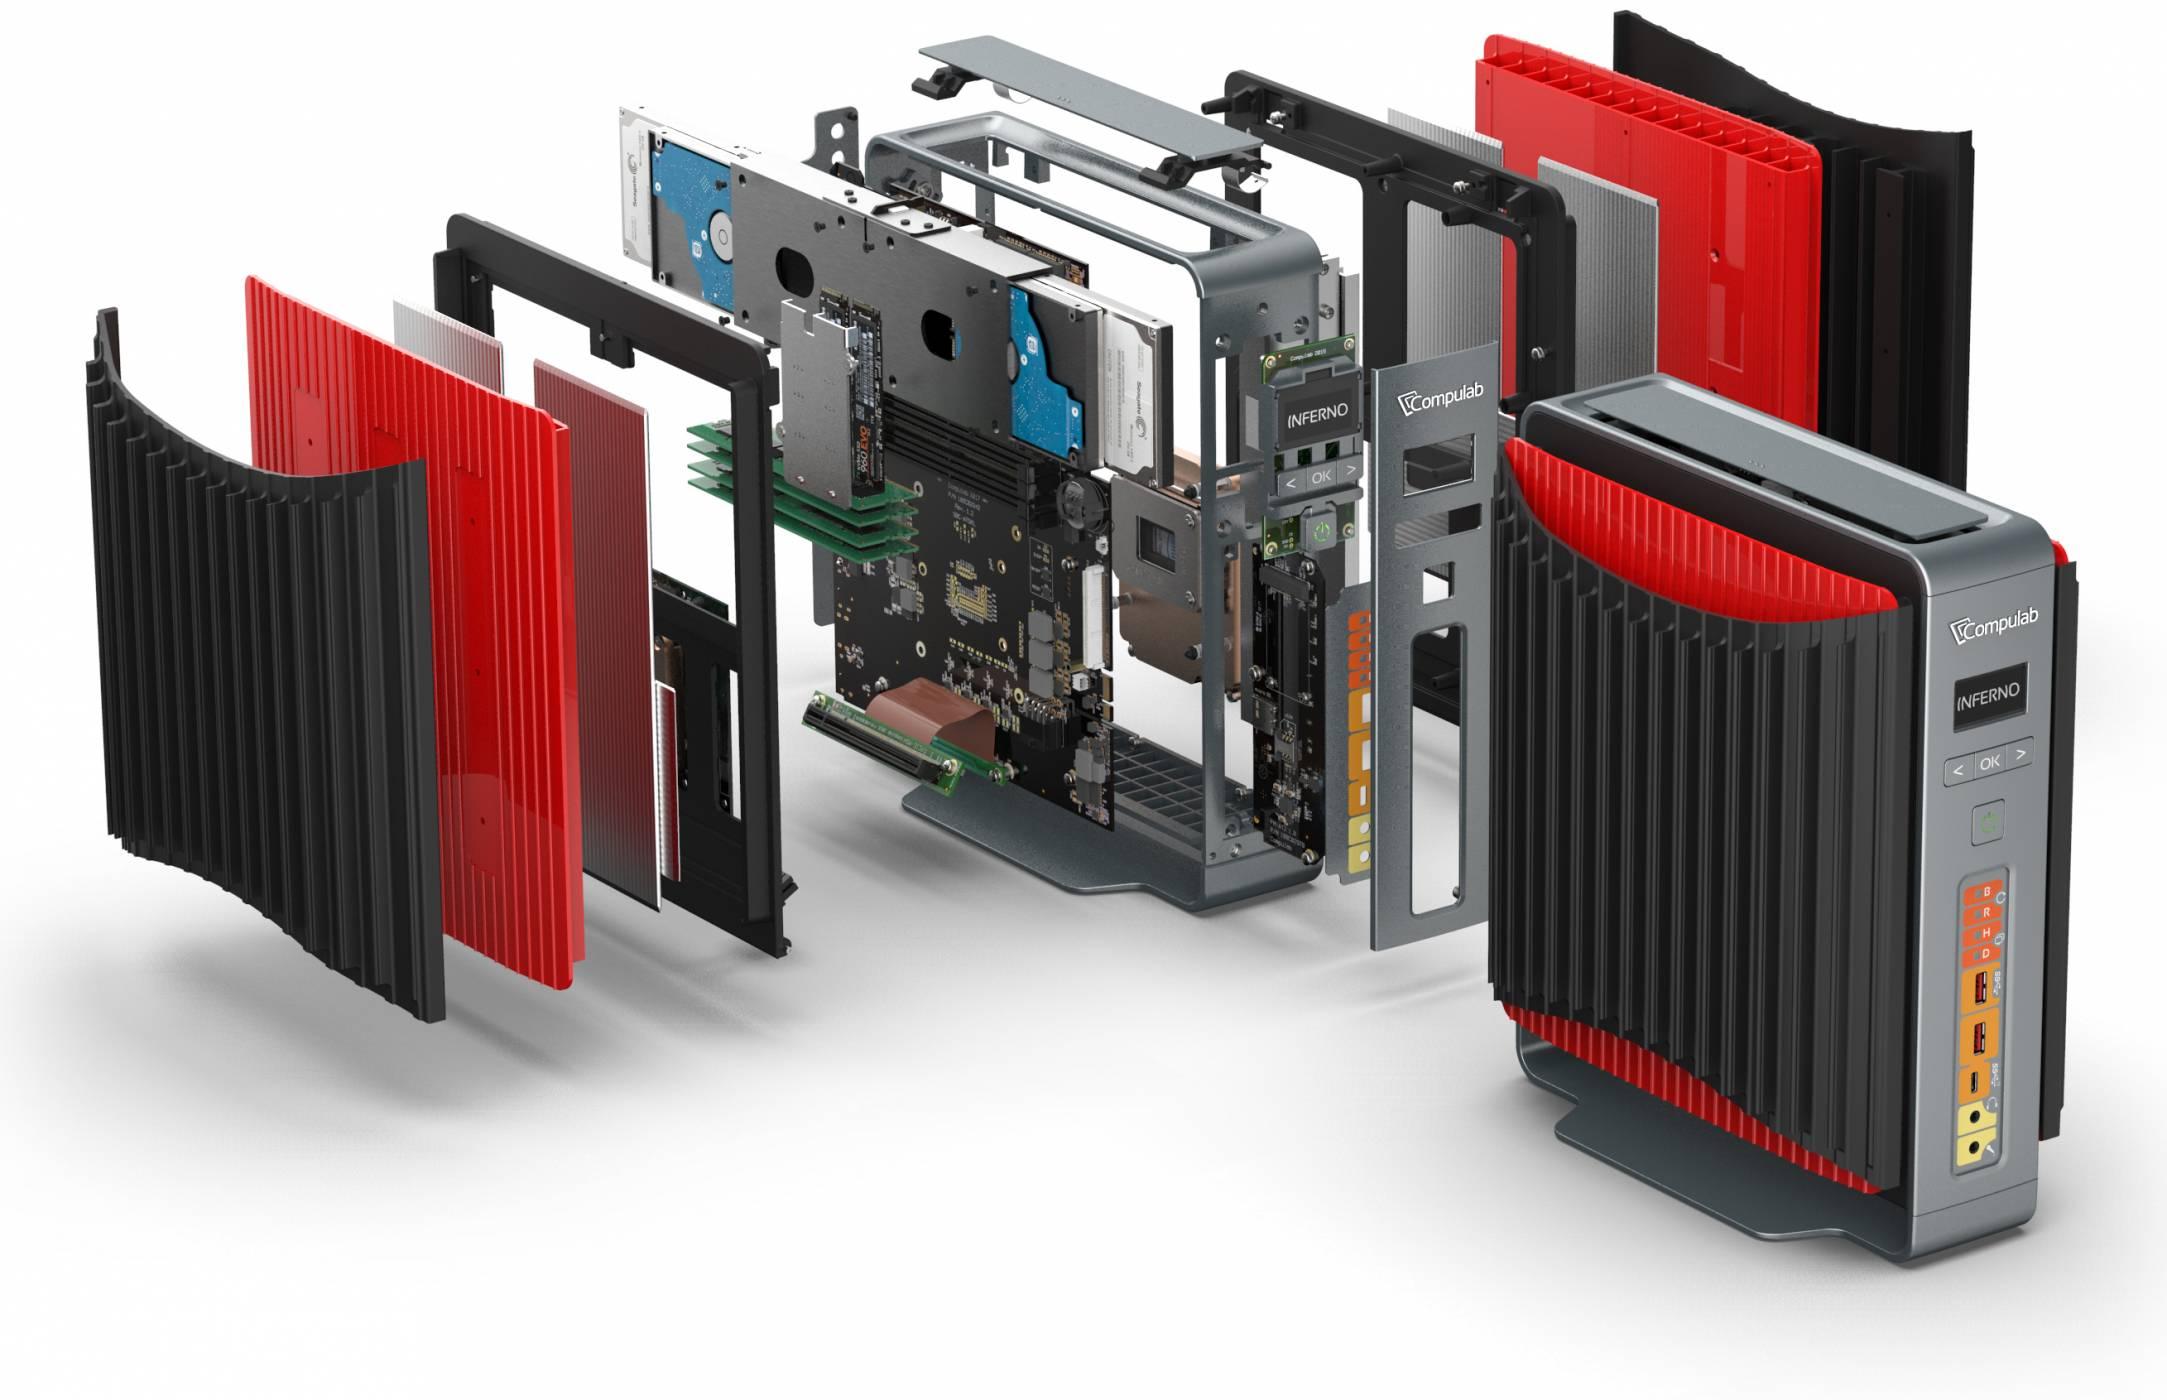 Компютър с GTX 1080 залага на охлаждане без вентилатори